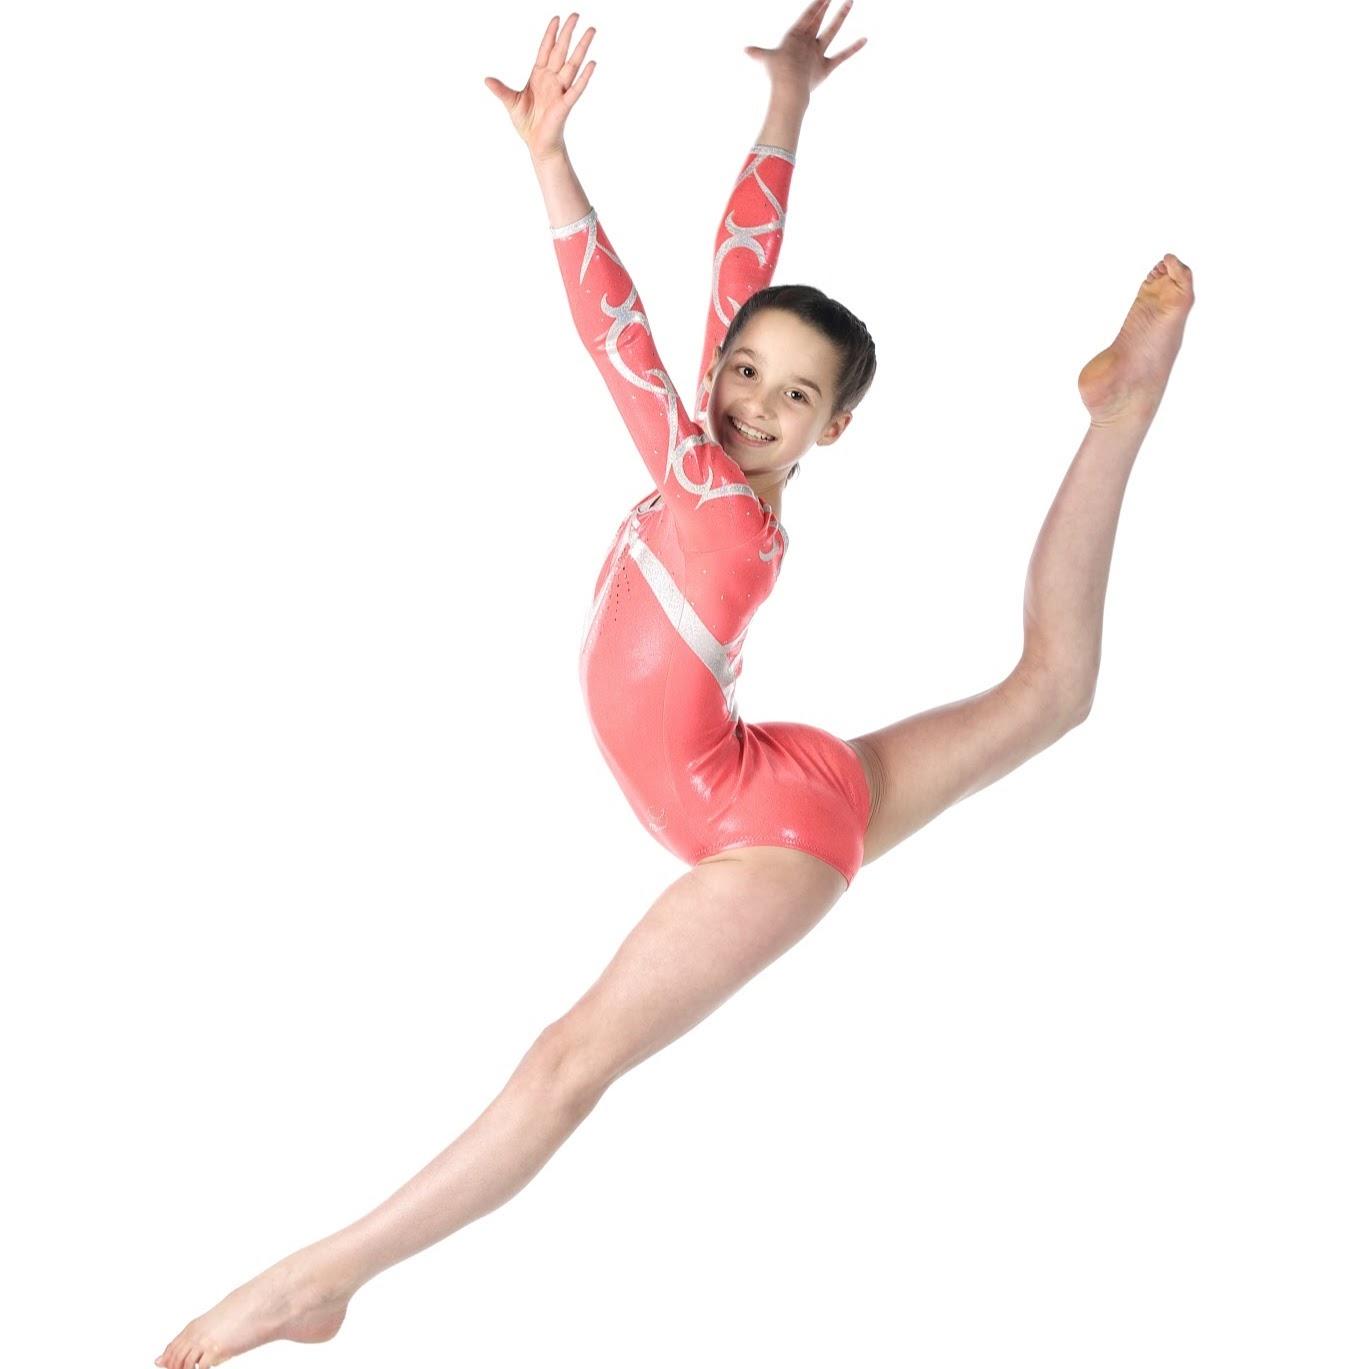 Winwin gymnastics - 9jc 1601f